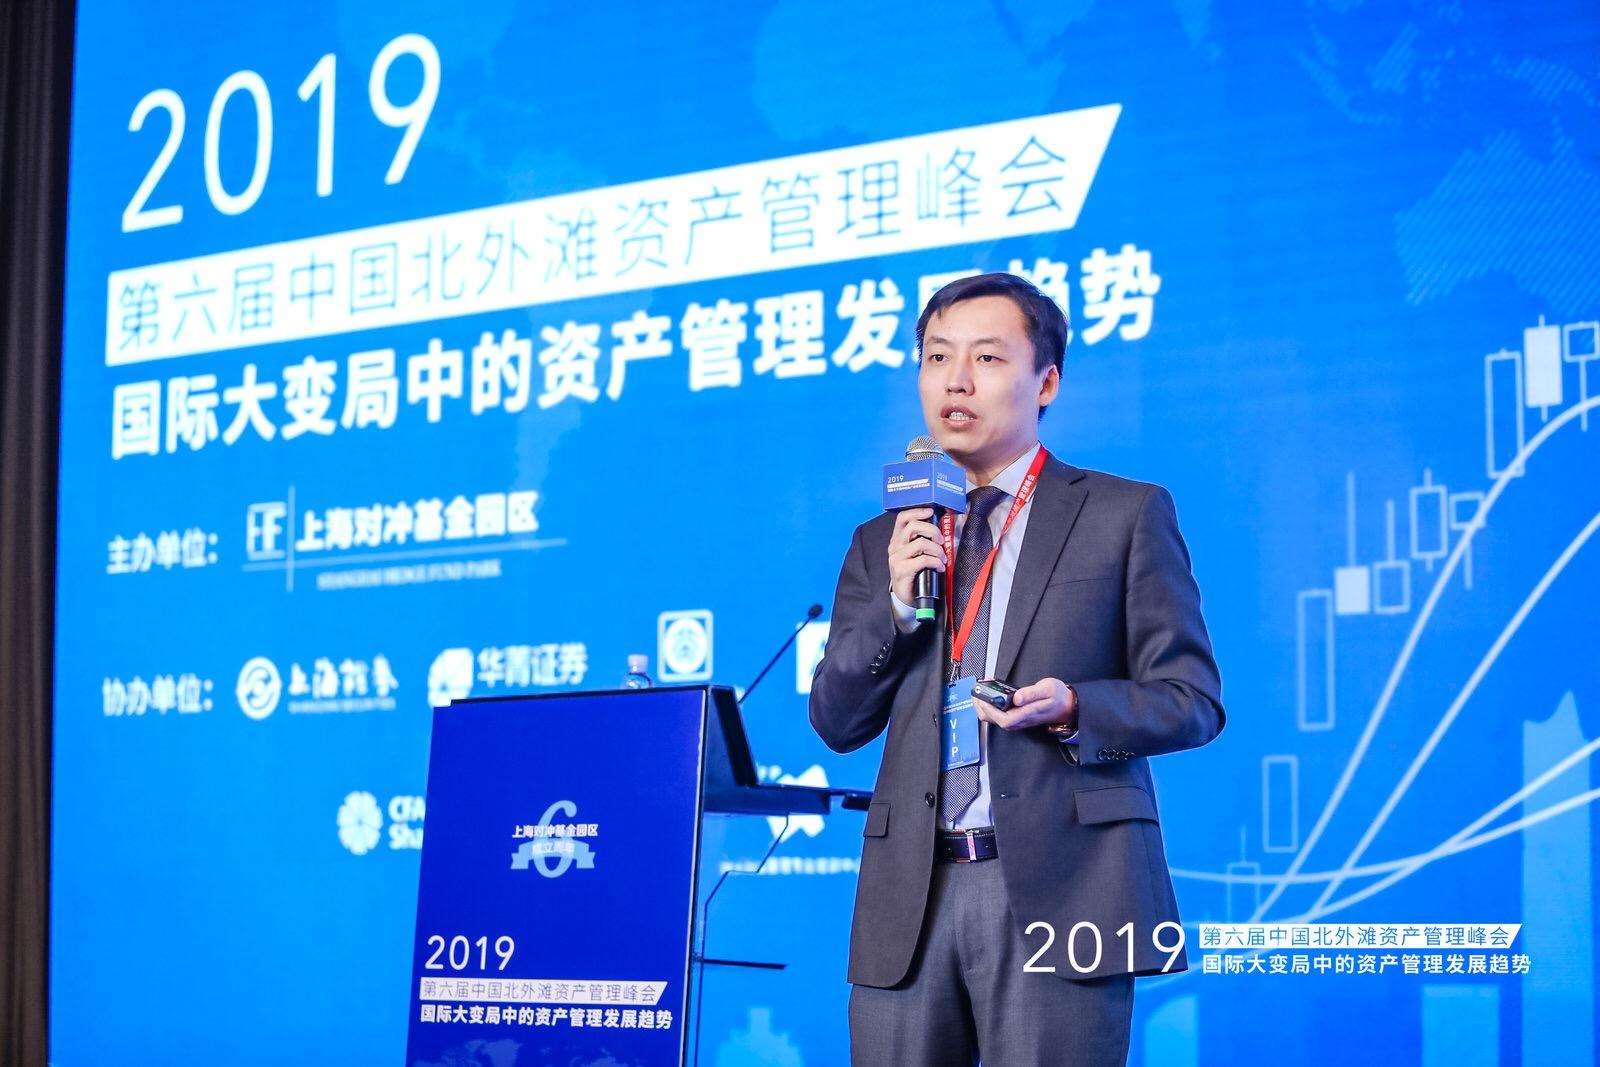 波士顿咨询:中国资管市场到2025年将达到185万亿元